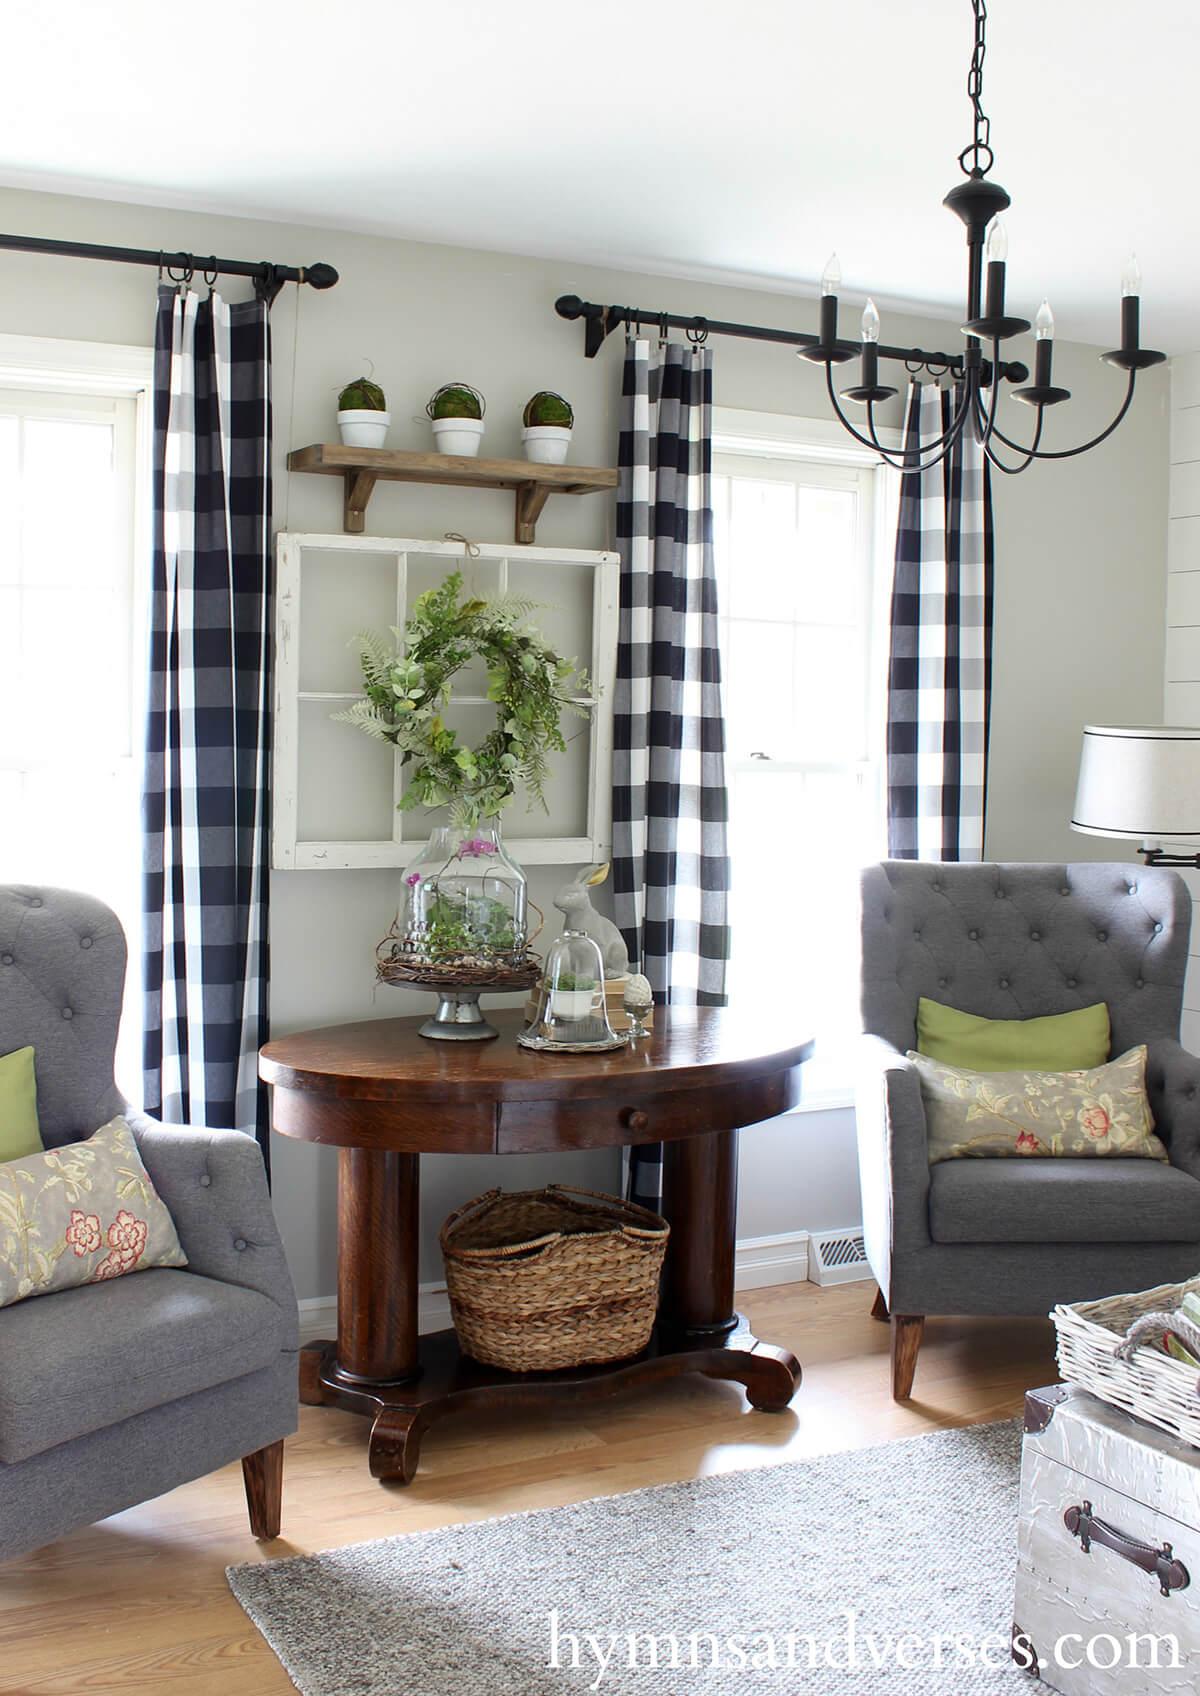 50+ Best Farmhouse Living Room Decor Ideas and Designs for ... on Farmhouse Dining Room Curtain Ideas  id=63990